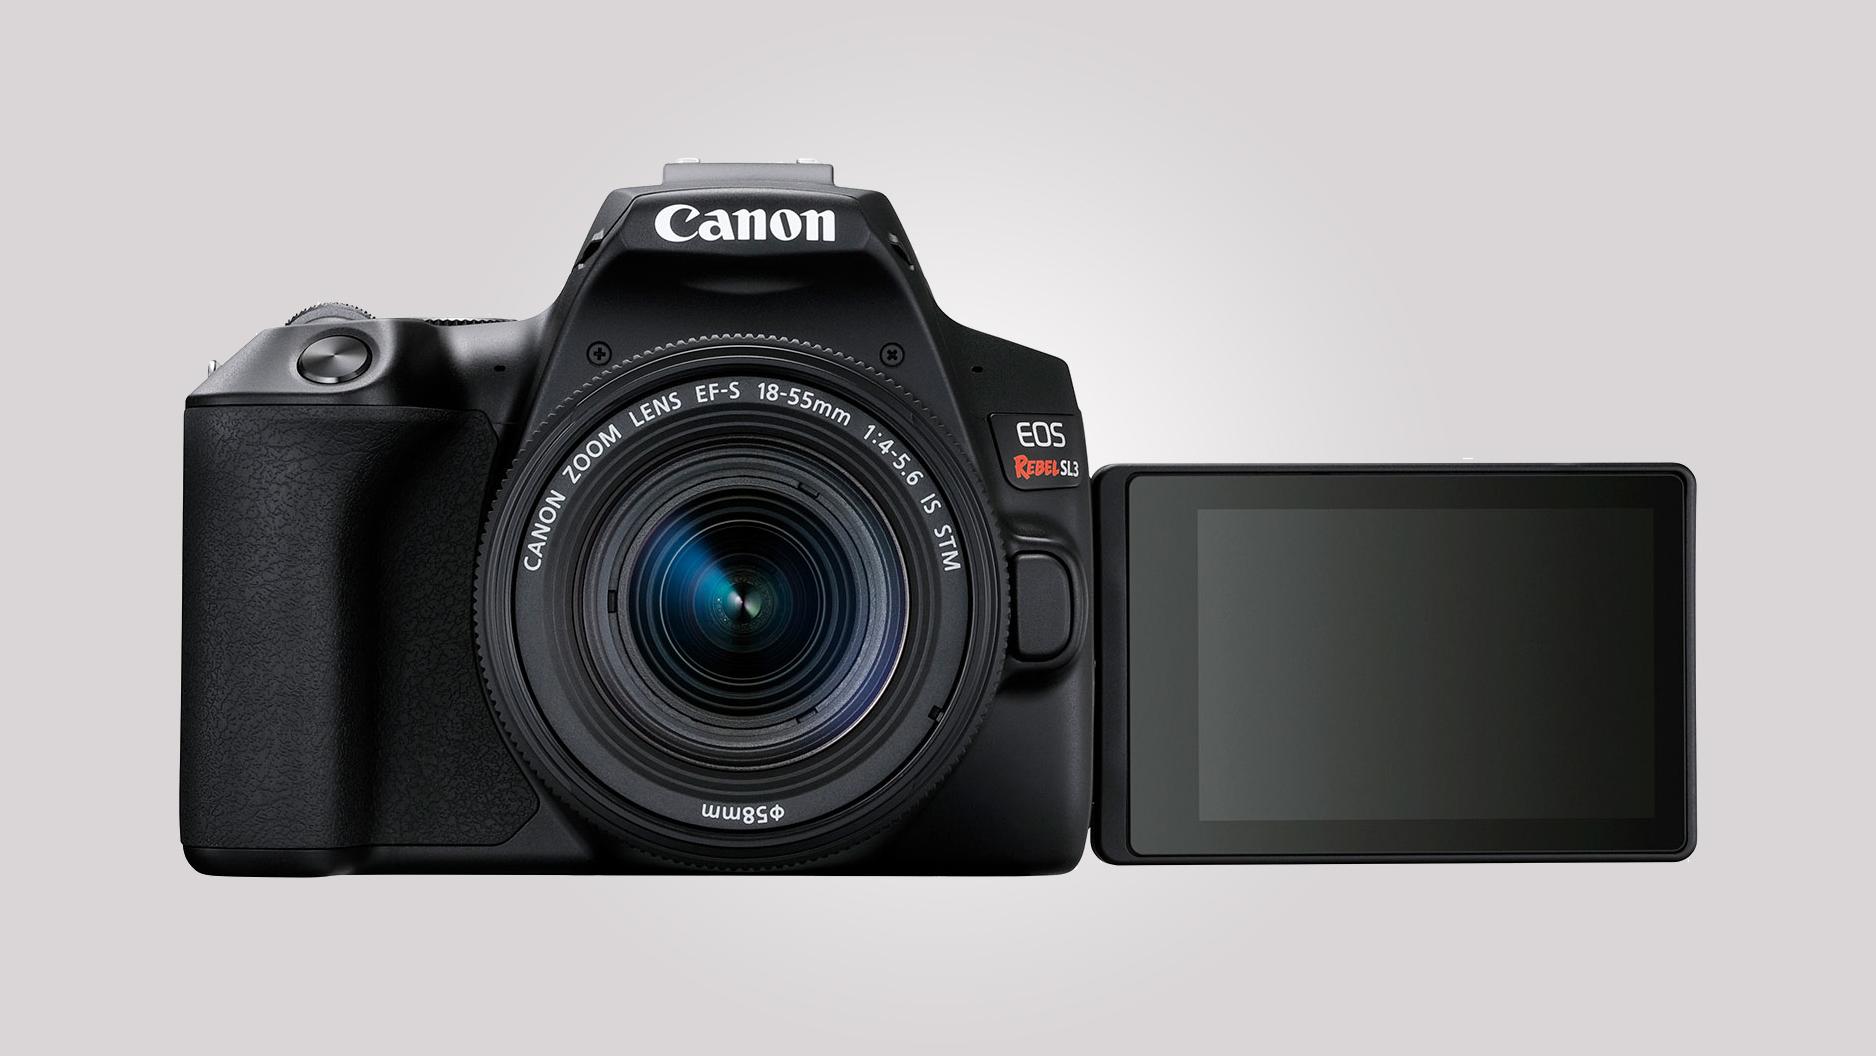 canon rebel Eos 250d